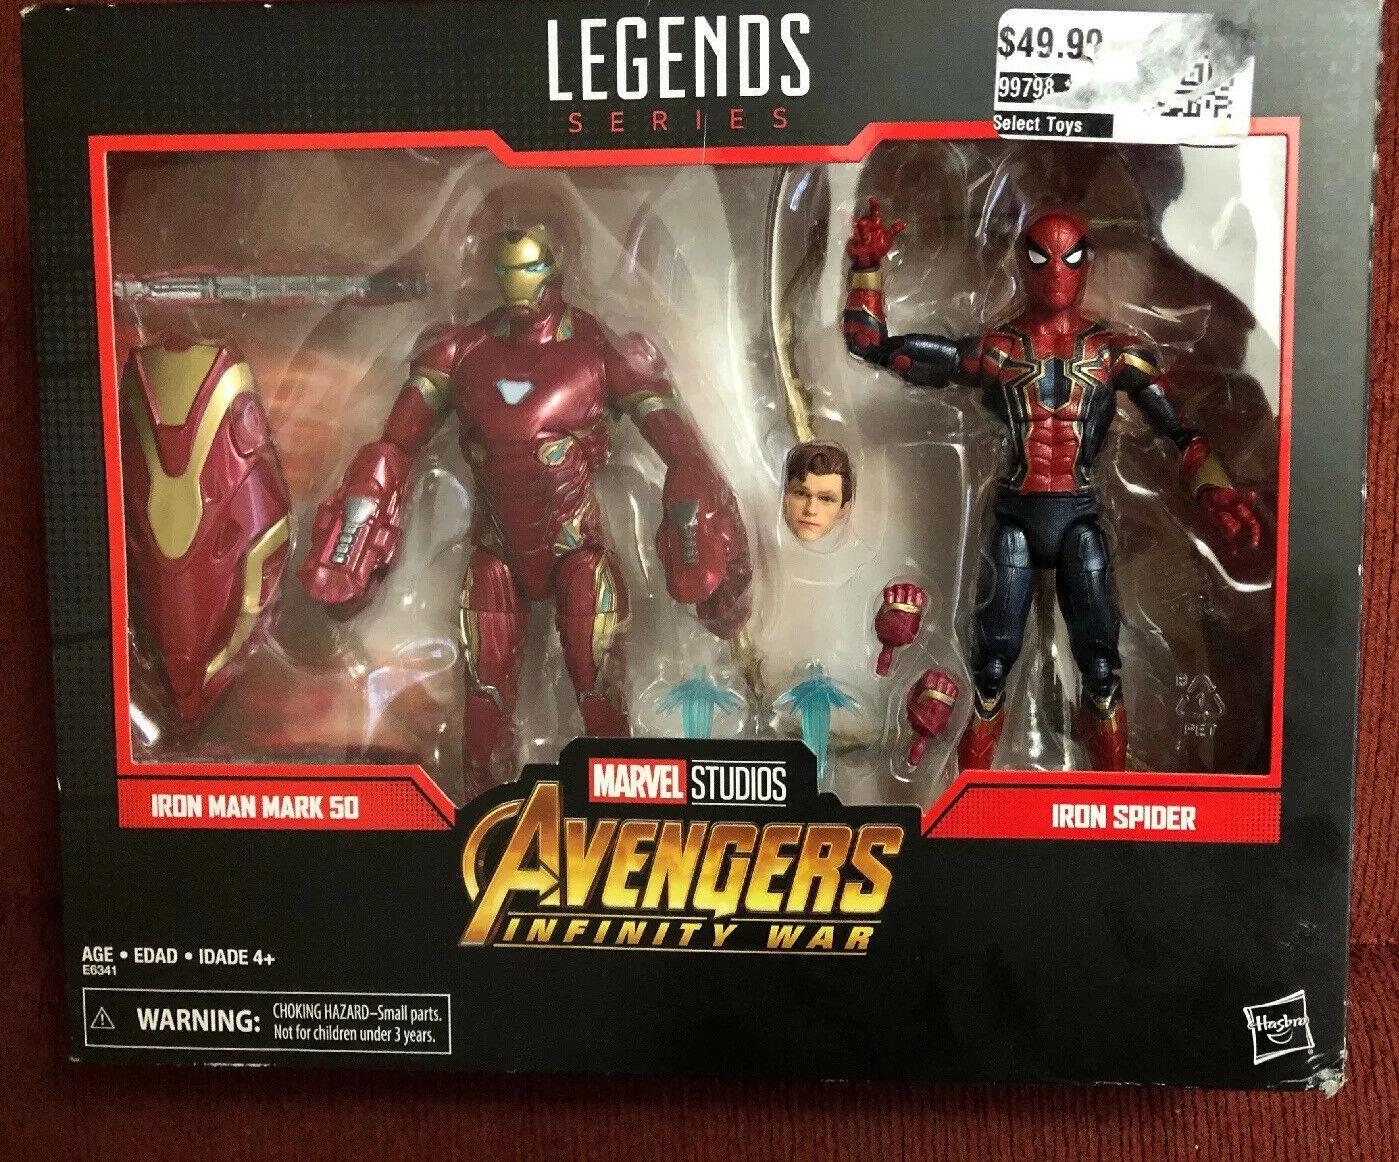 Marvel Legends Avengers Infinity War Endgame Iron Man Iron Spider 2 pack